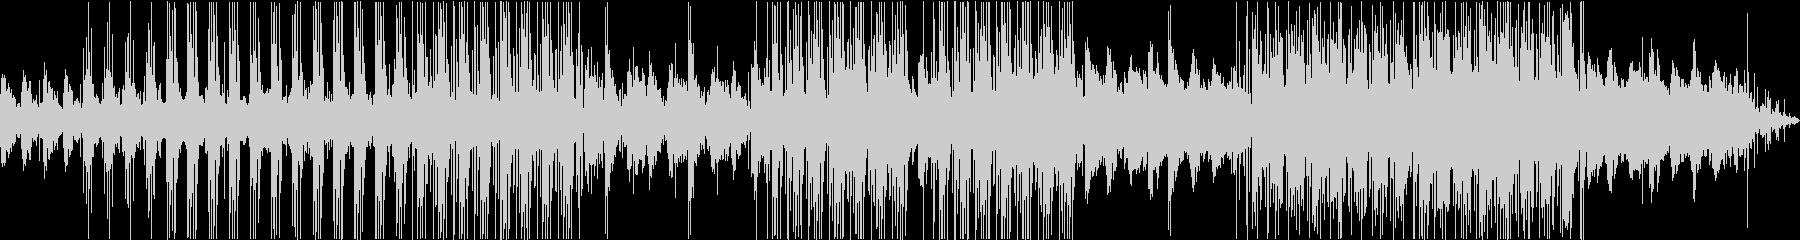 レトロ・ブルージーでチルLoFiなBGMの未再生の波形